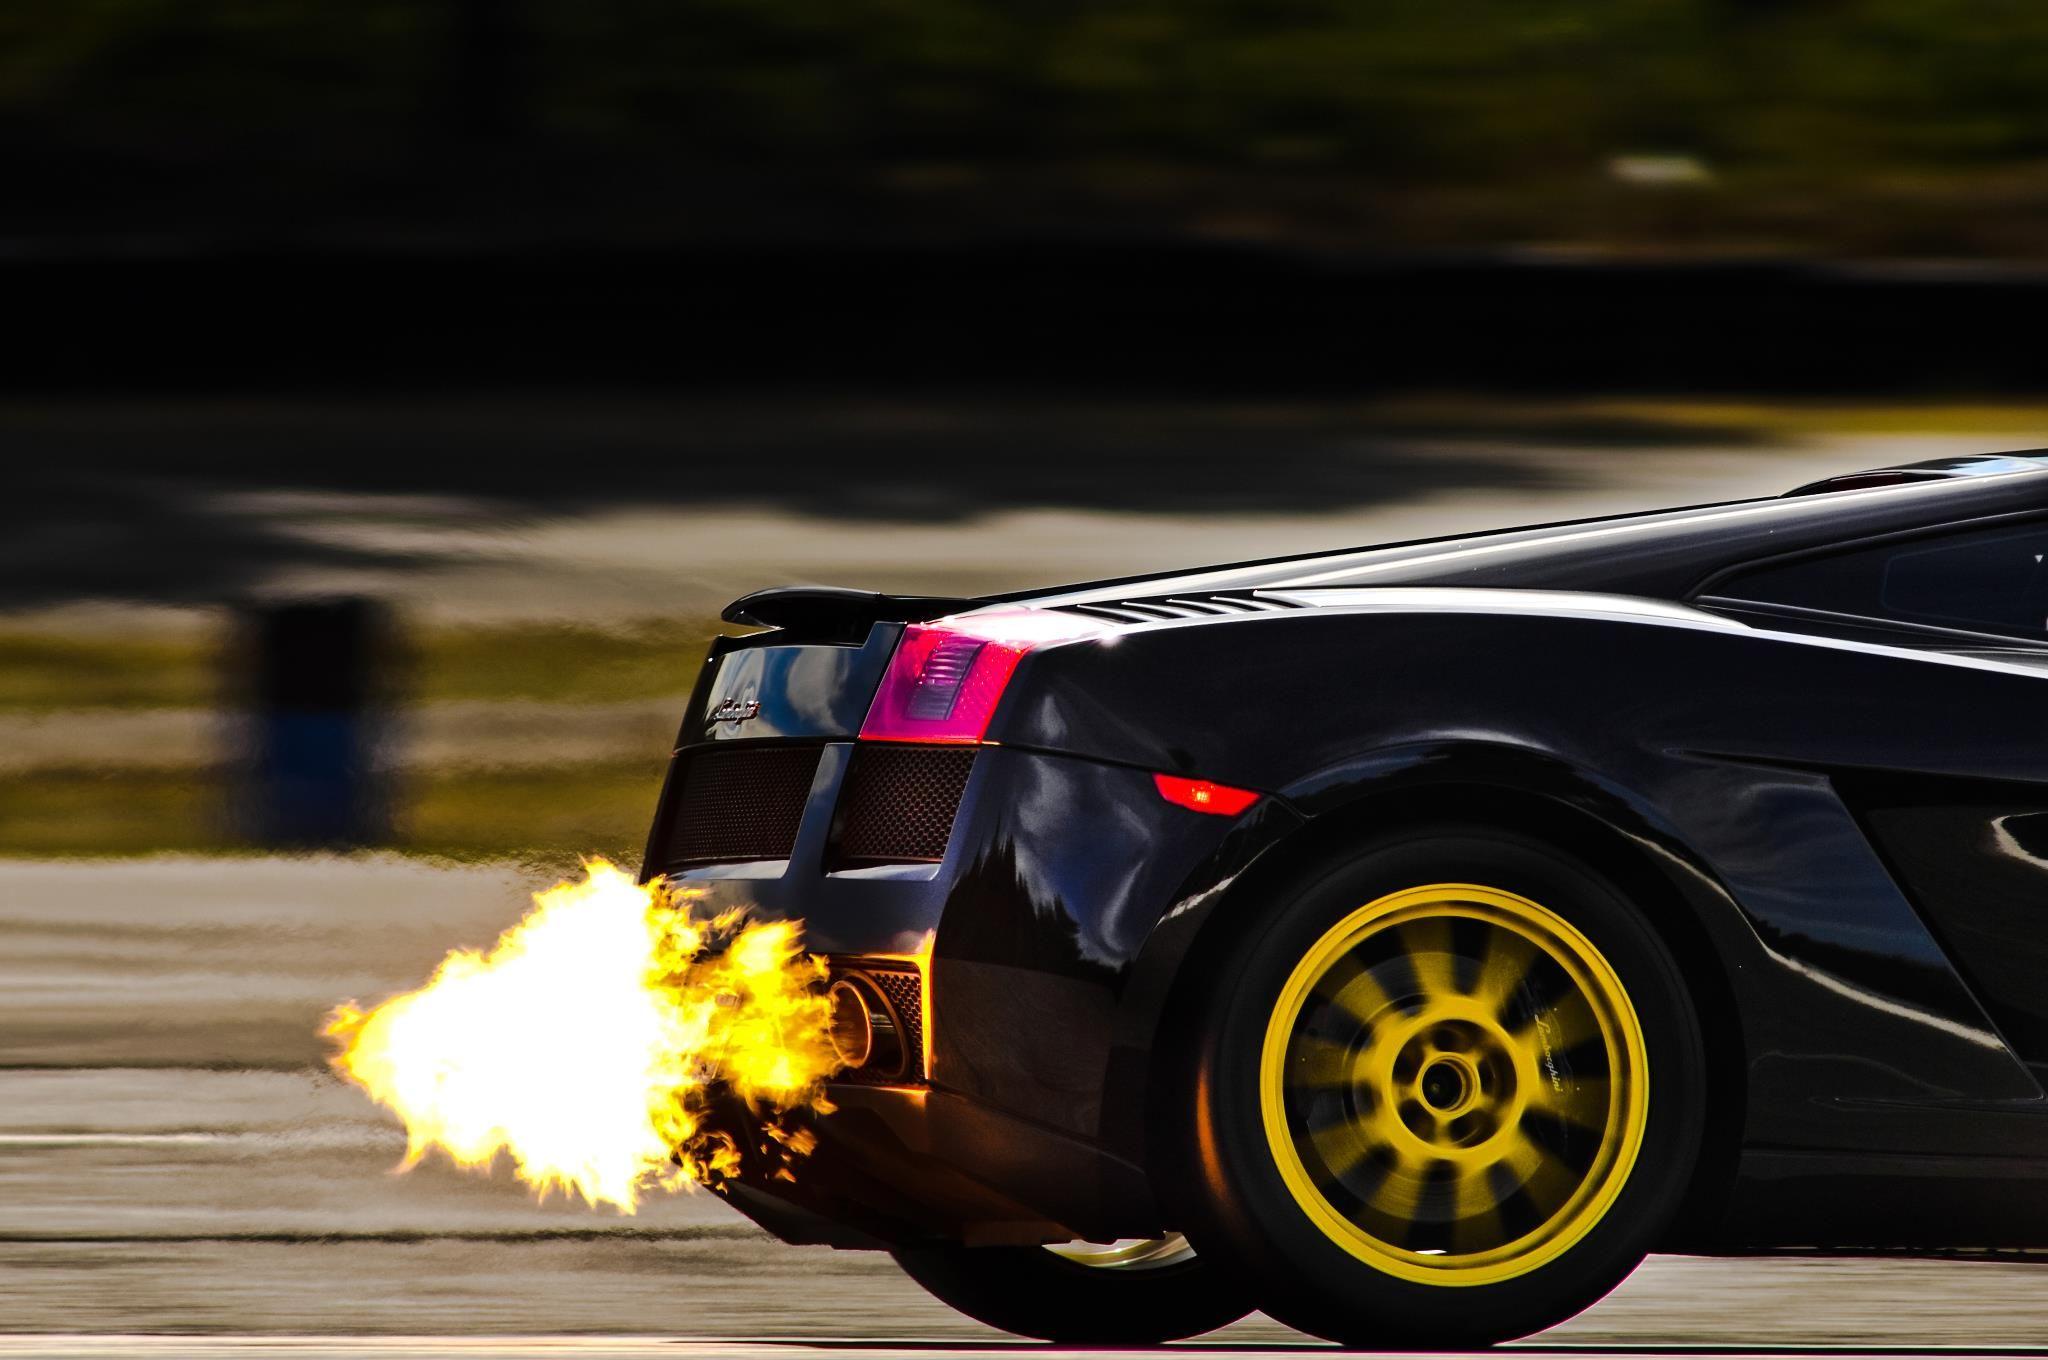 Gallardo Fire Cars Cars Cars Motorcycles Lamborghini